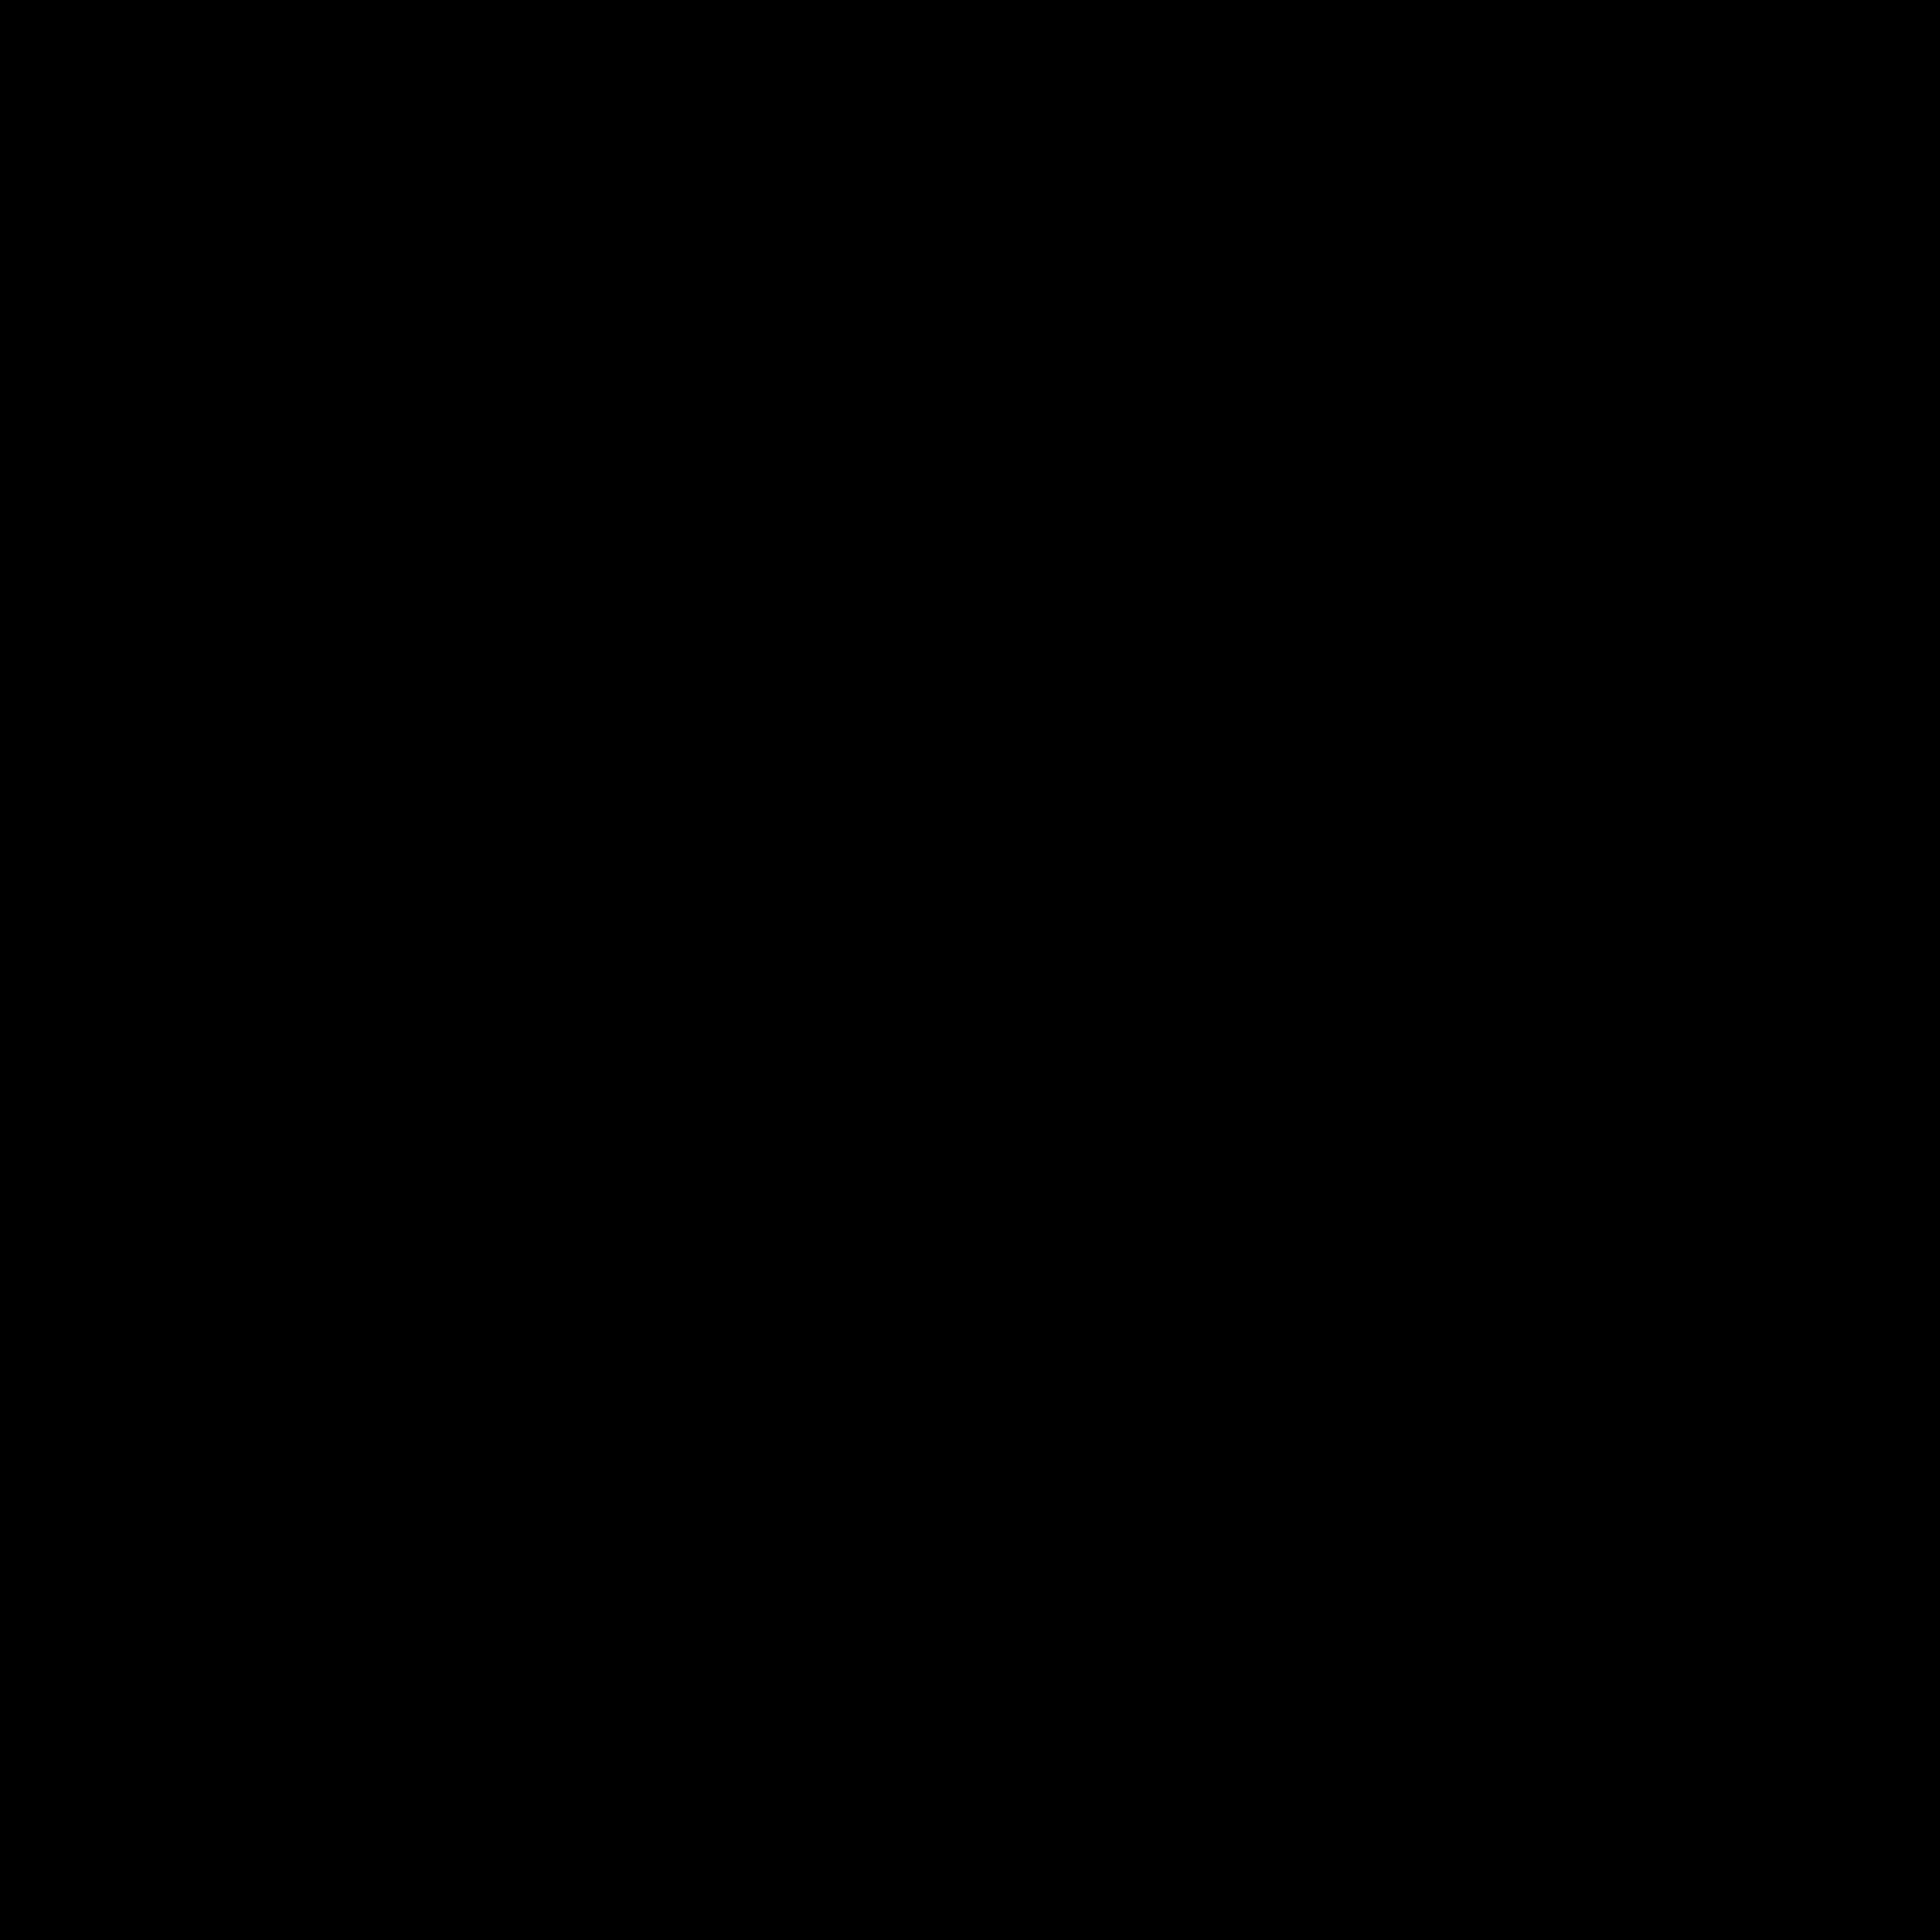 asus logo 0 - ASUS Logo